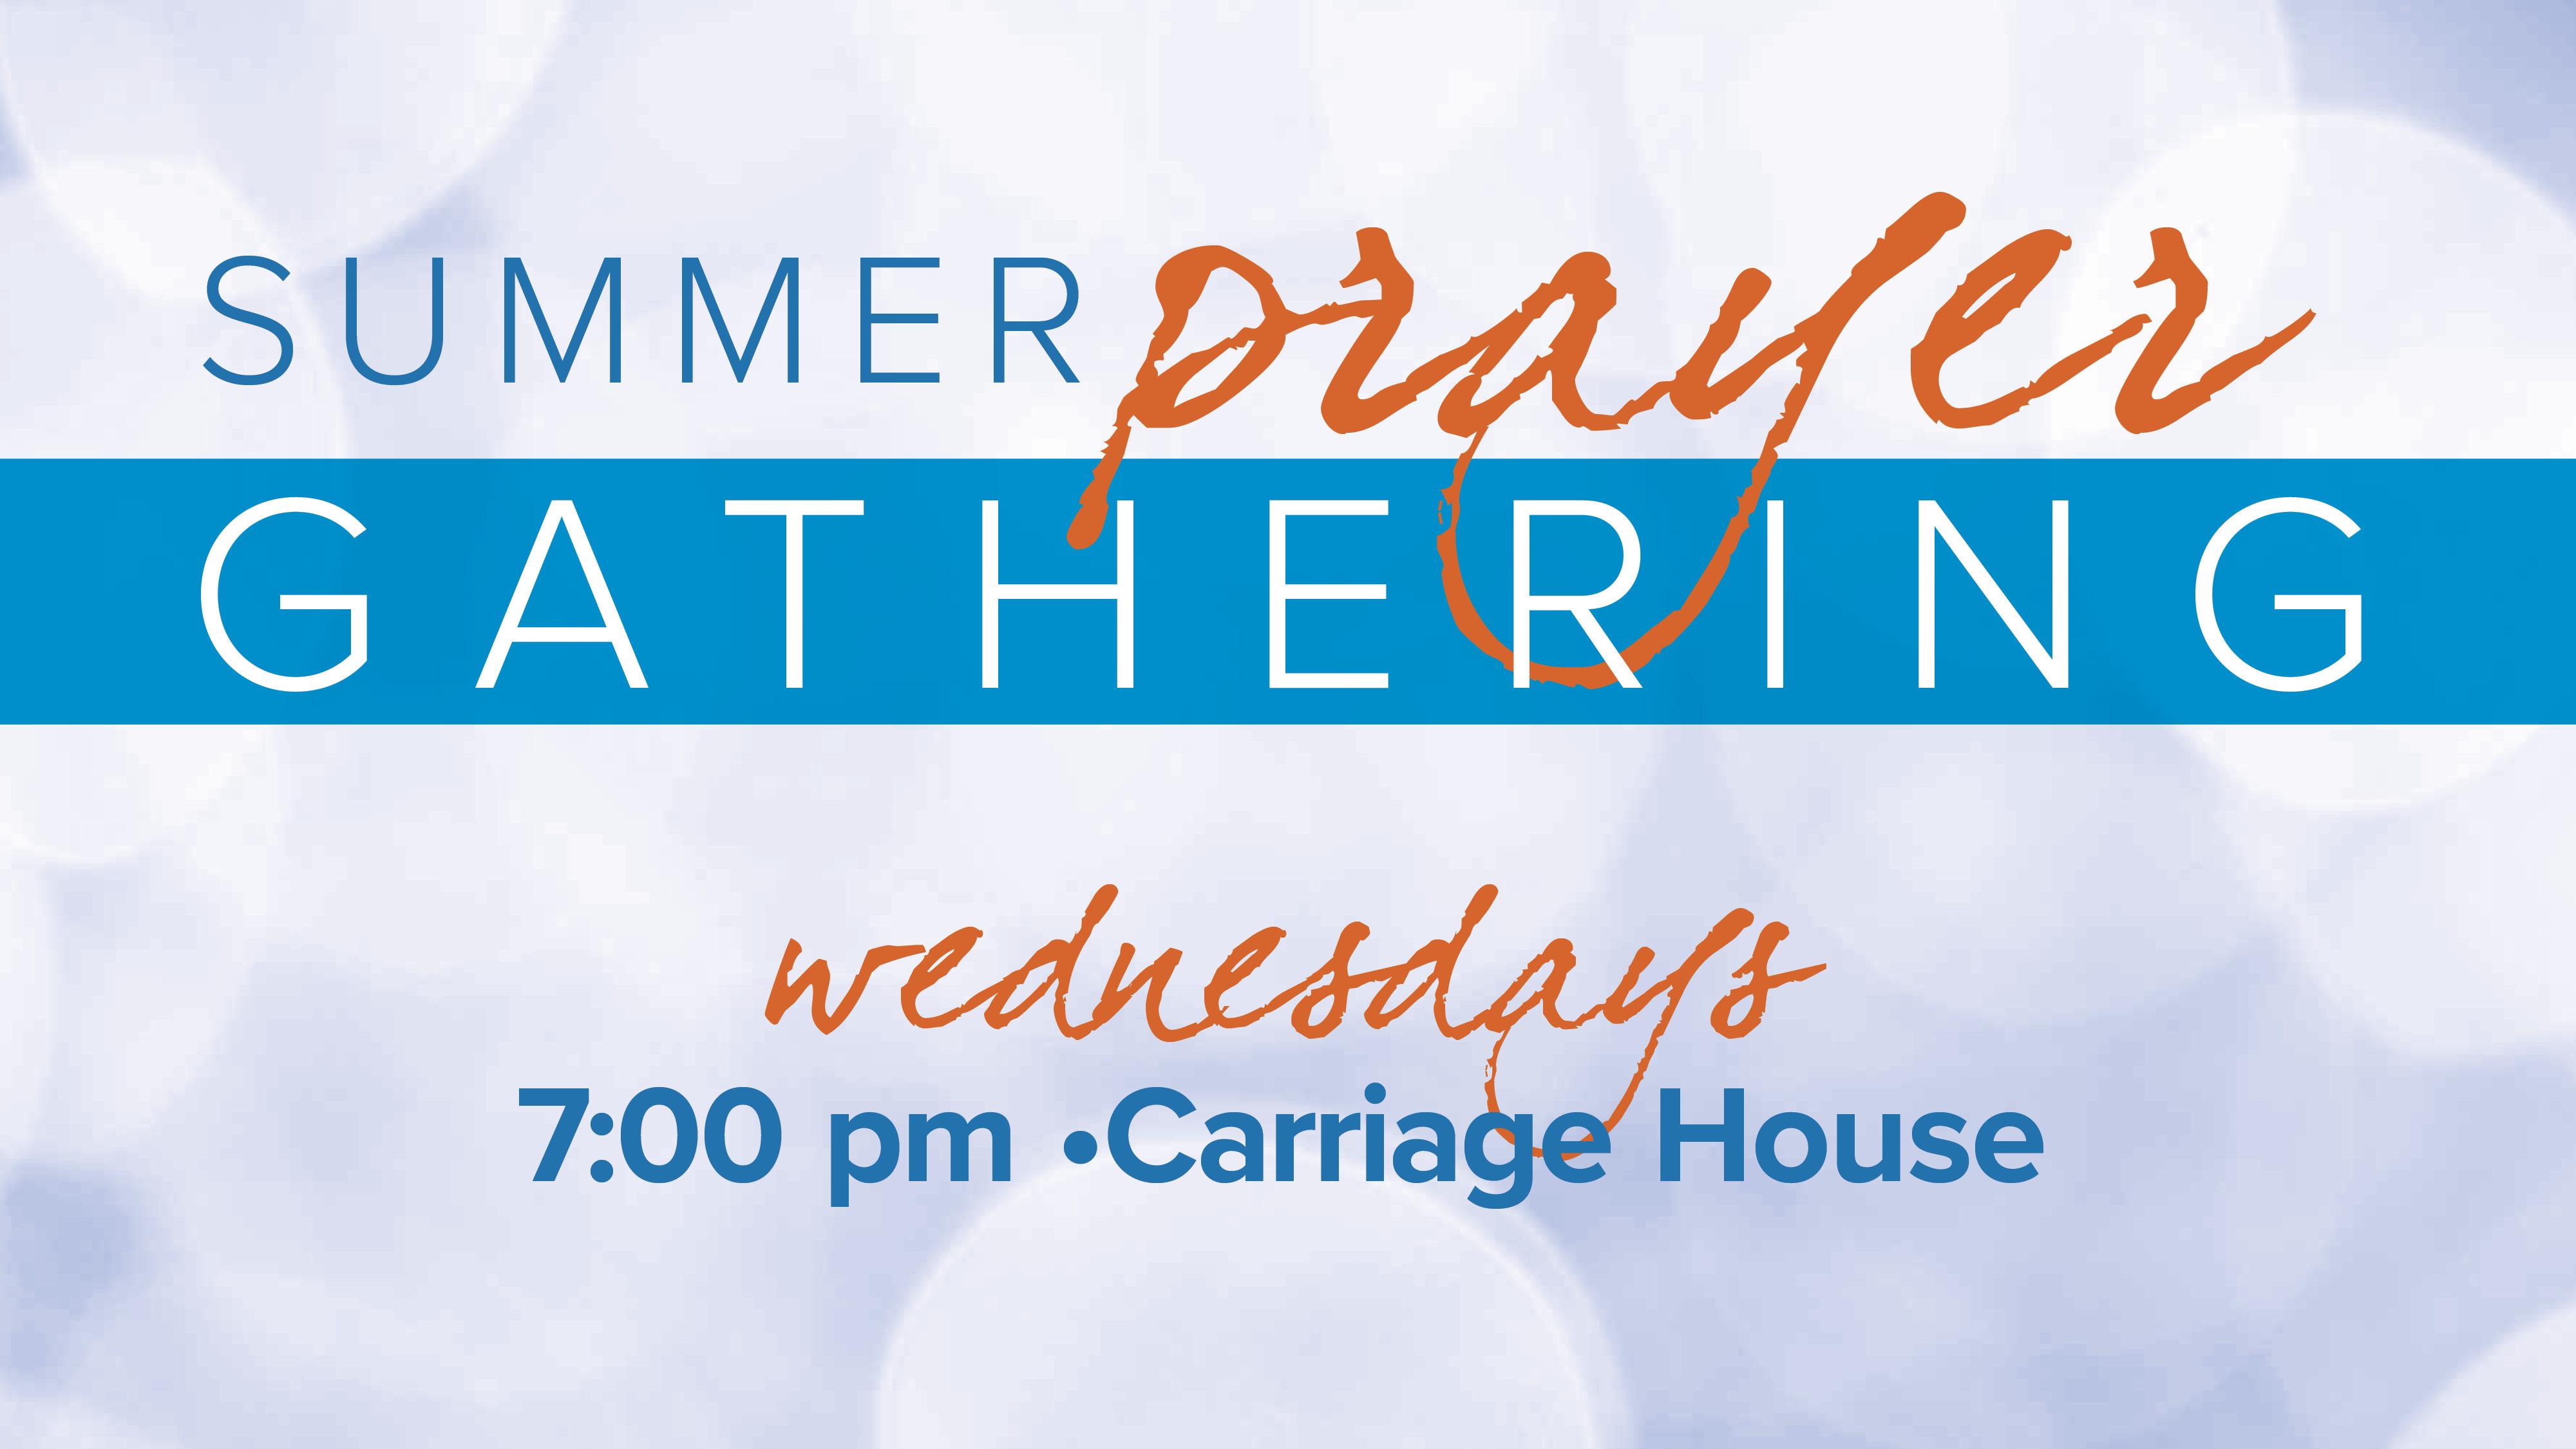 Summer Prayer Gathering class=